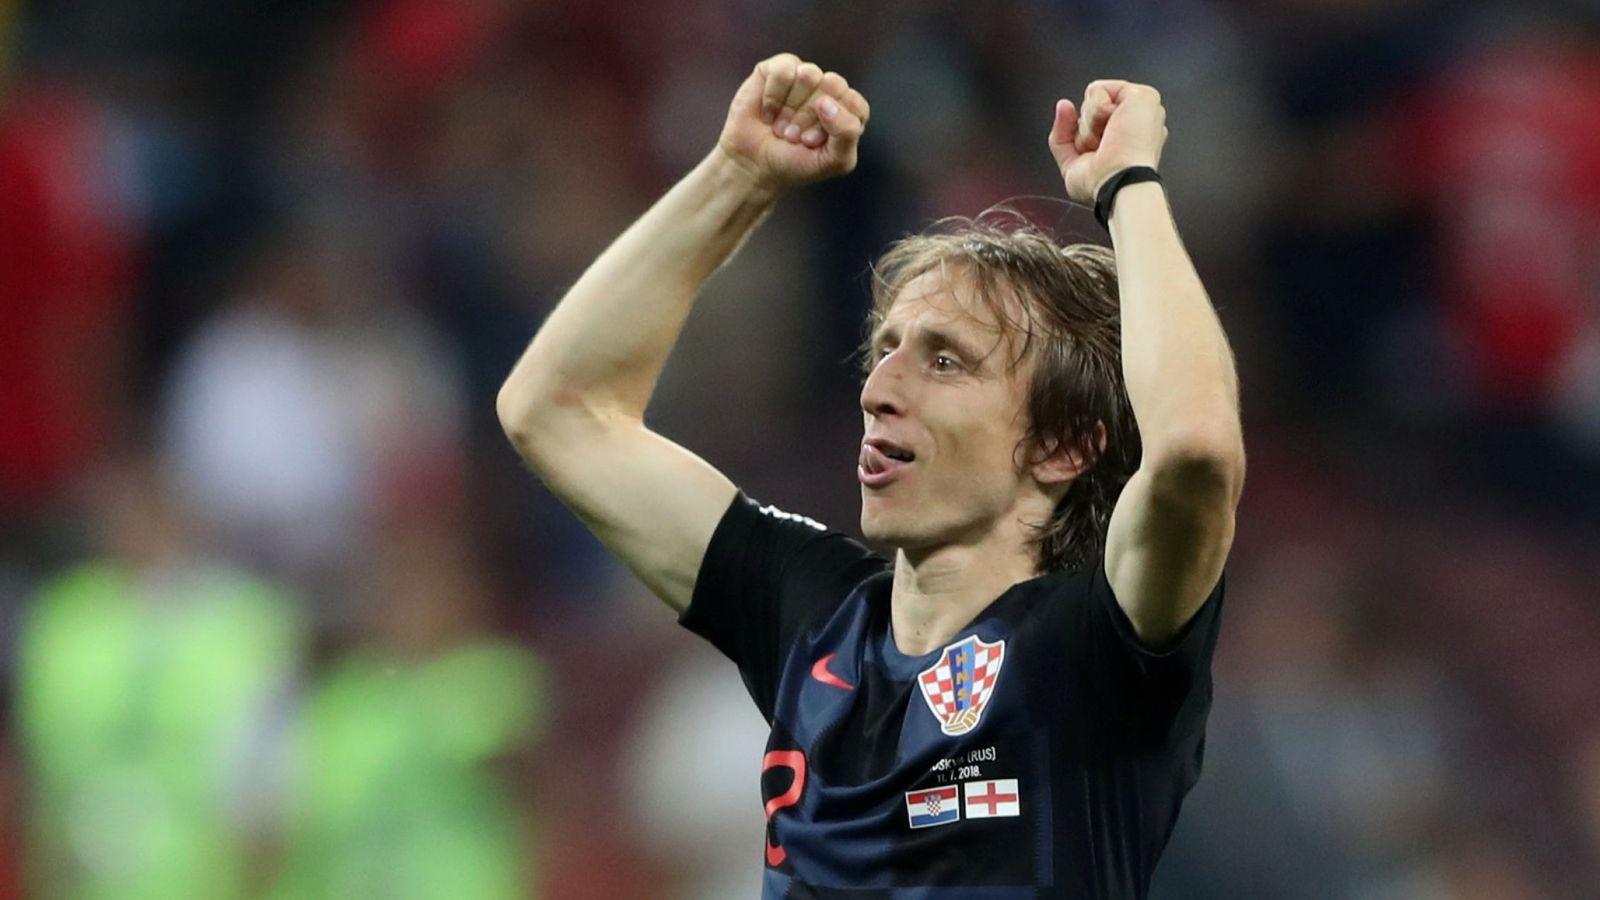 Foto: Luka Modric levanta los brazos para celebrar el pase a la final del Mundial tras eliminar a Inglaterra. (Reuters)